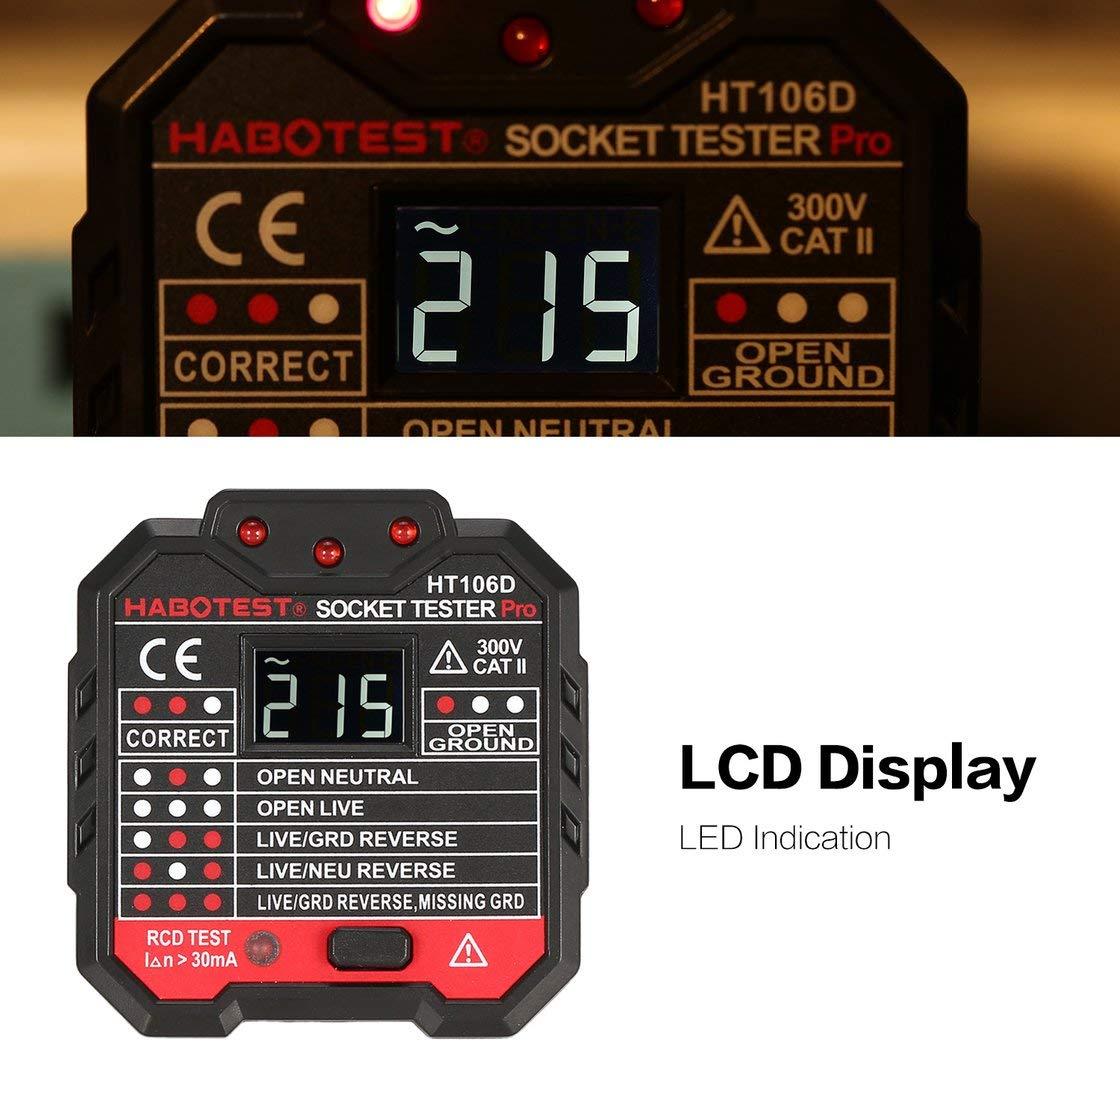 HABOTEST HT106D Testeurs de prises Test de tension D/étecteur de prises Fiche UE Prise de terre Prise de ligne z/éro Fiche de polarit/é V/érification de phase